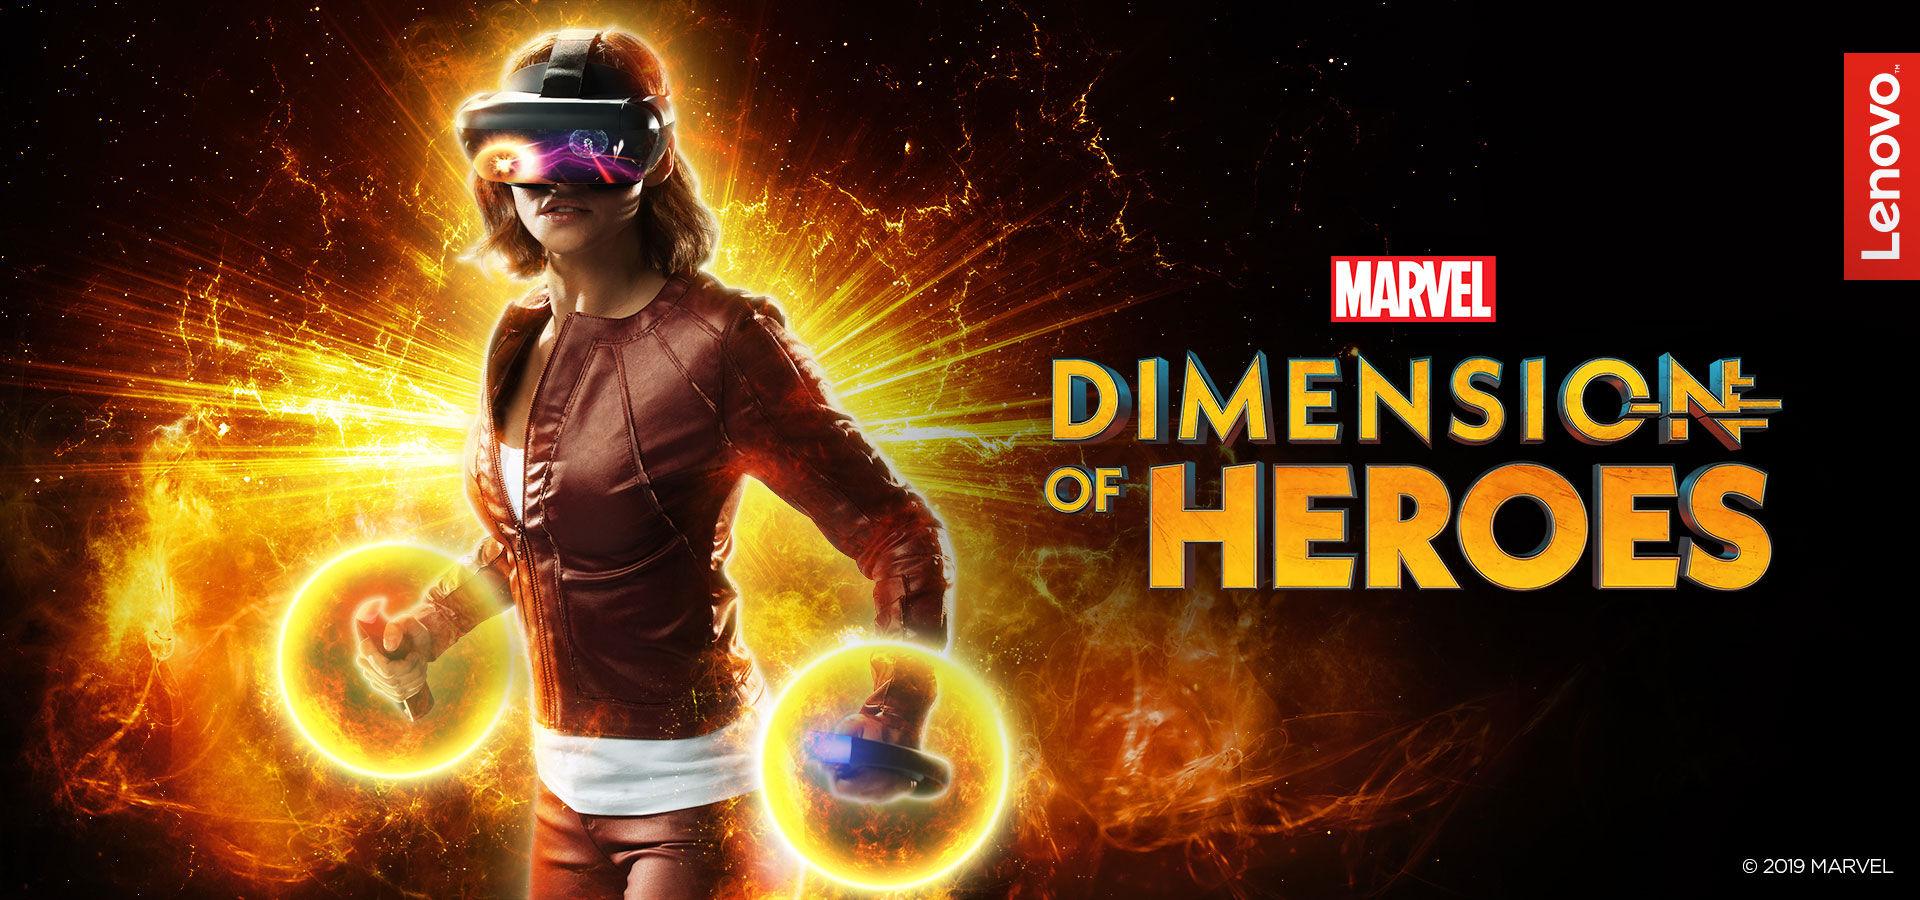 Lenovo visar upp Marvel: Dimension of Heroes